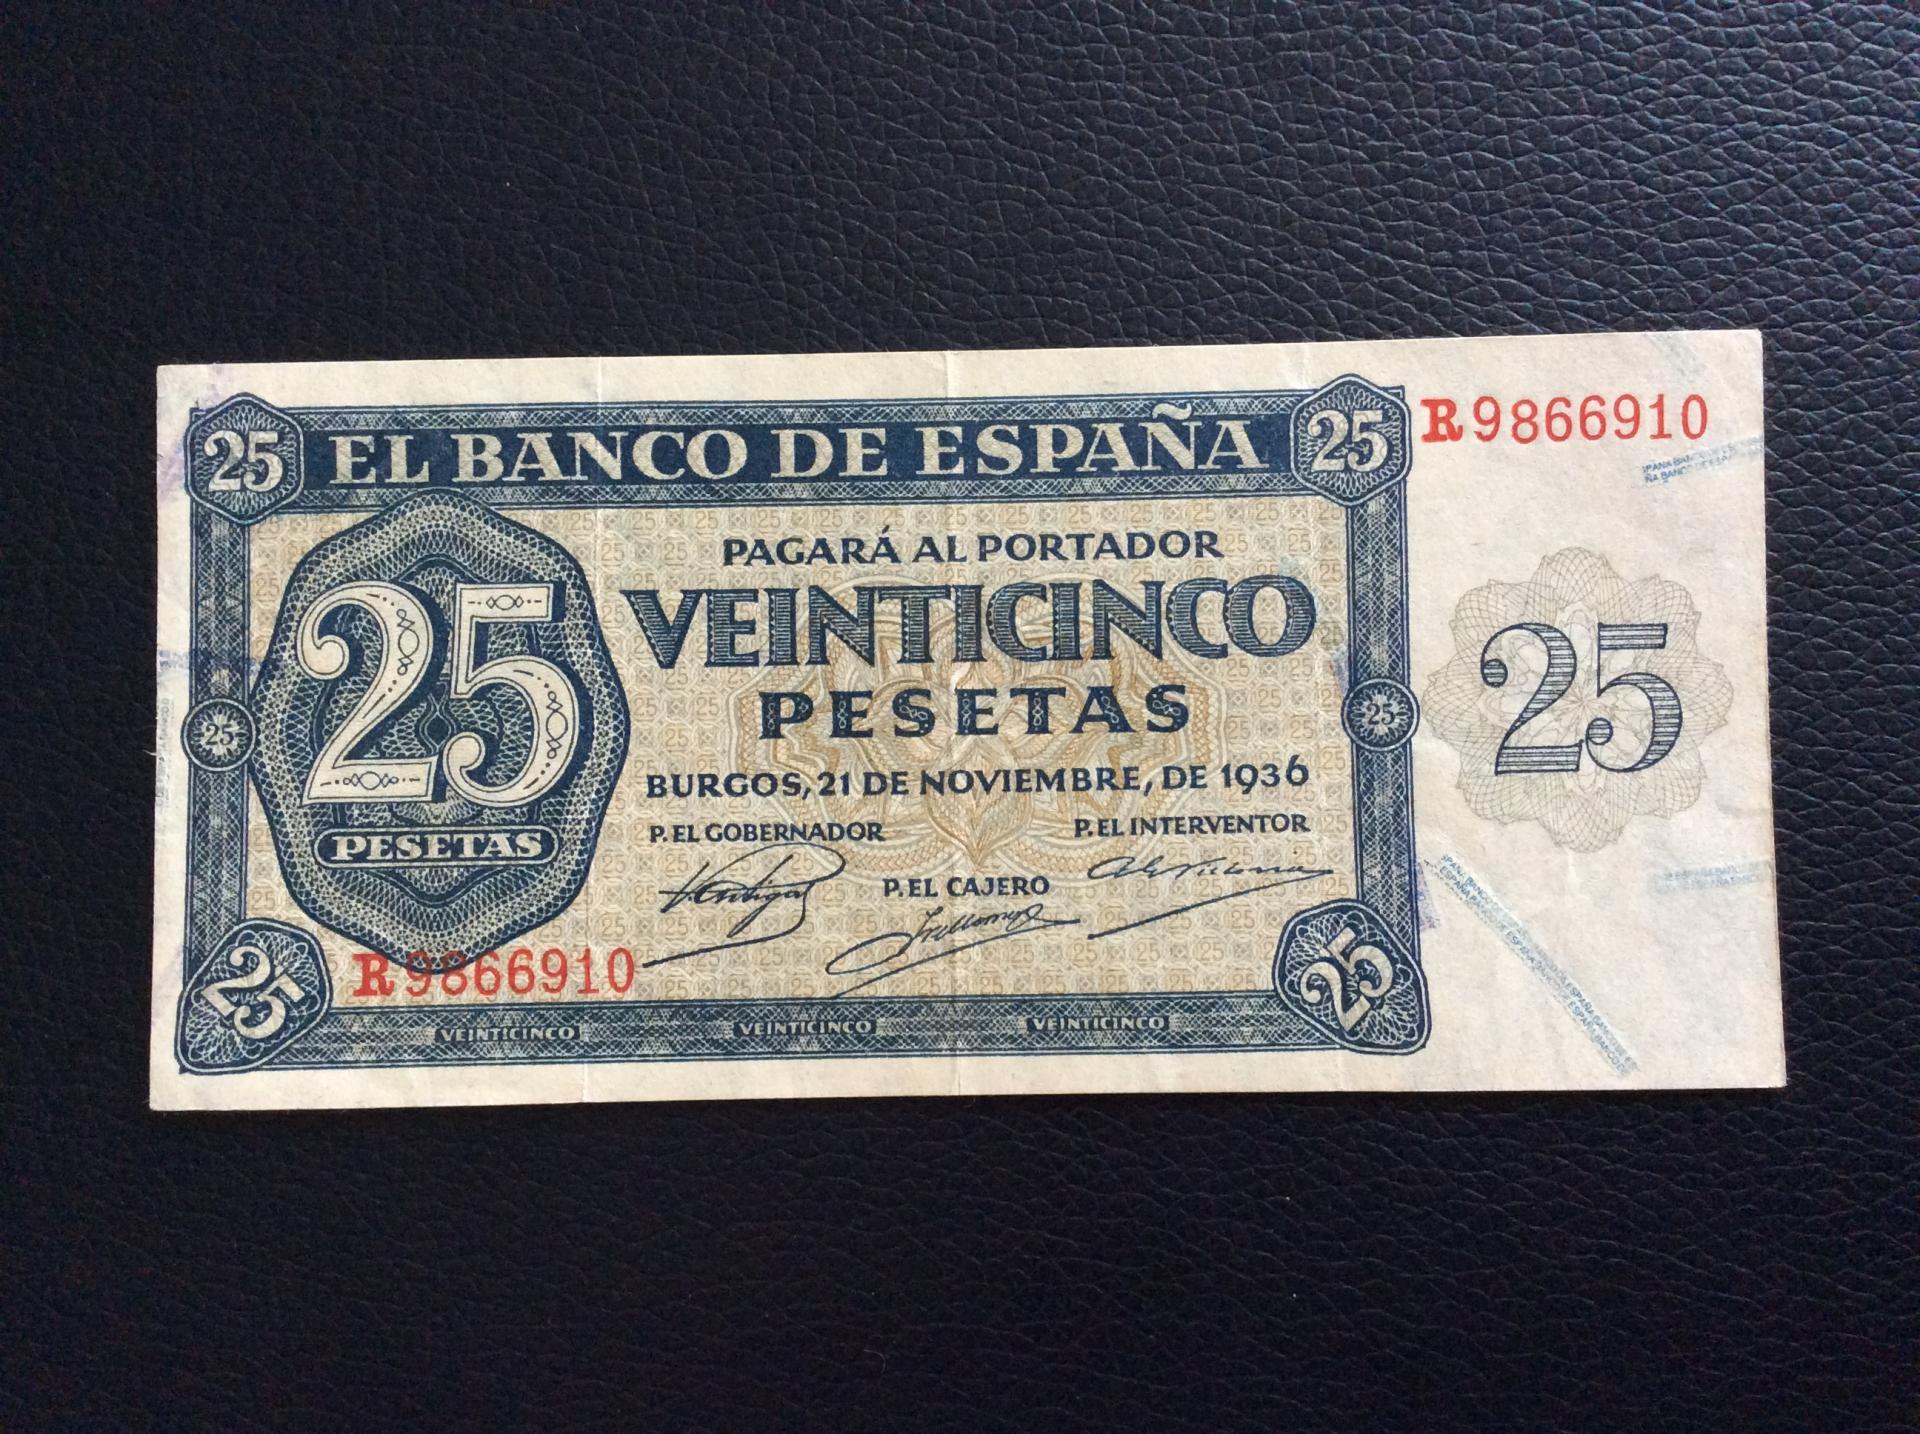 25 PESETAS 1936 - GUERRA CIVIL ESPAÑOLA - BURGOS